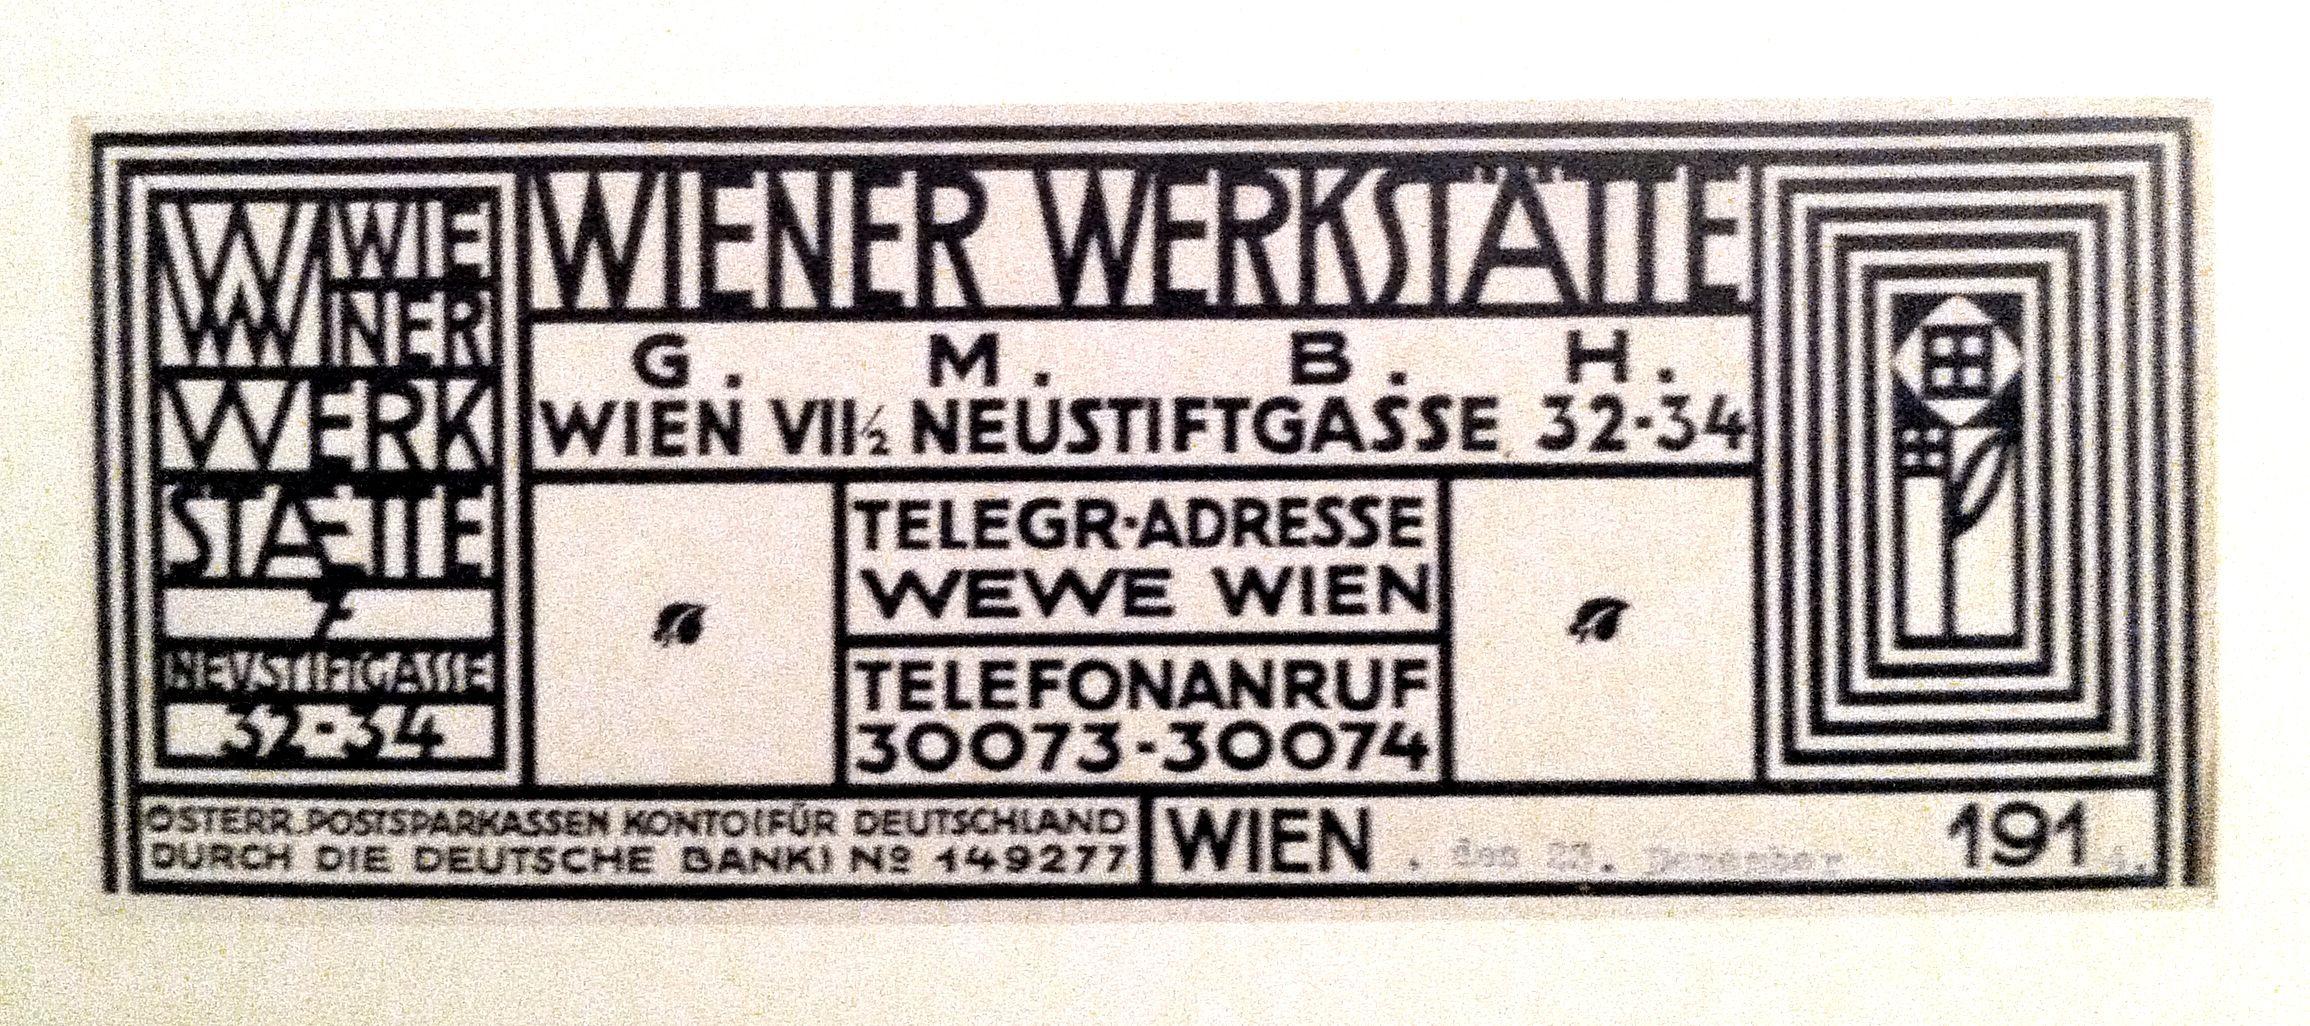 Wiener Werkstätter, Kolo Moser